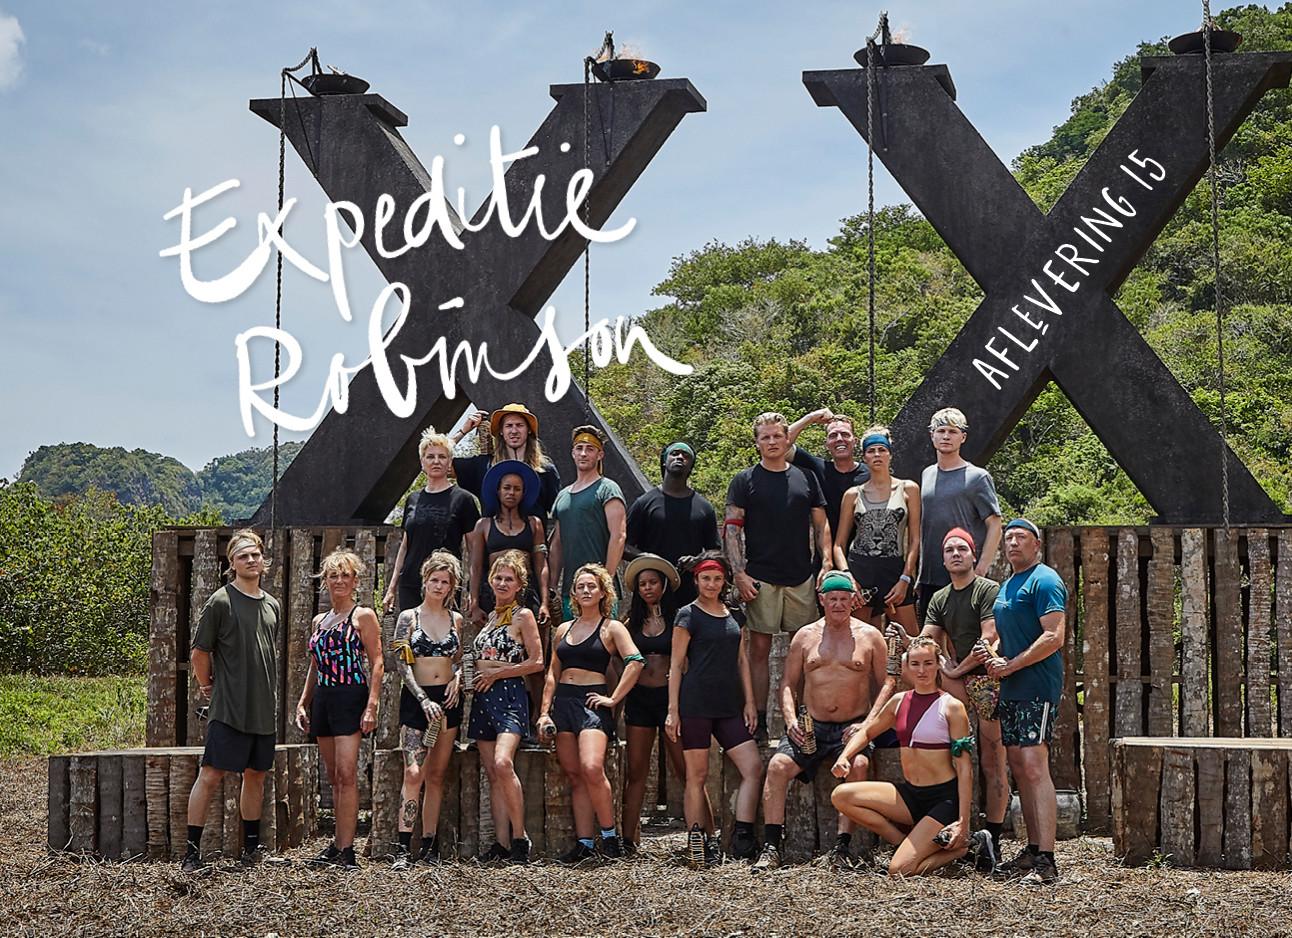 persfoto van het hele team van expeditie robinson